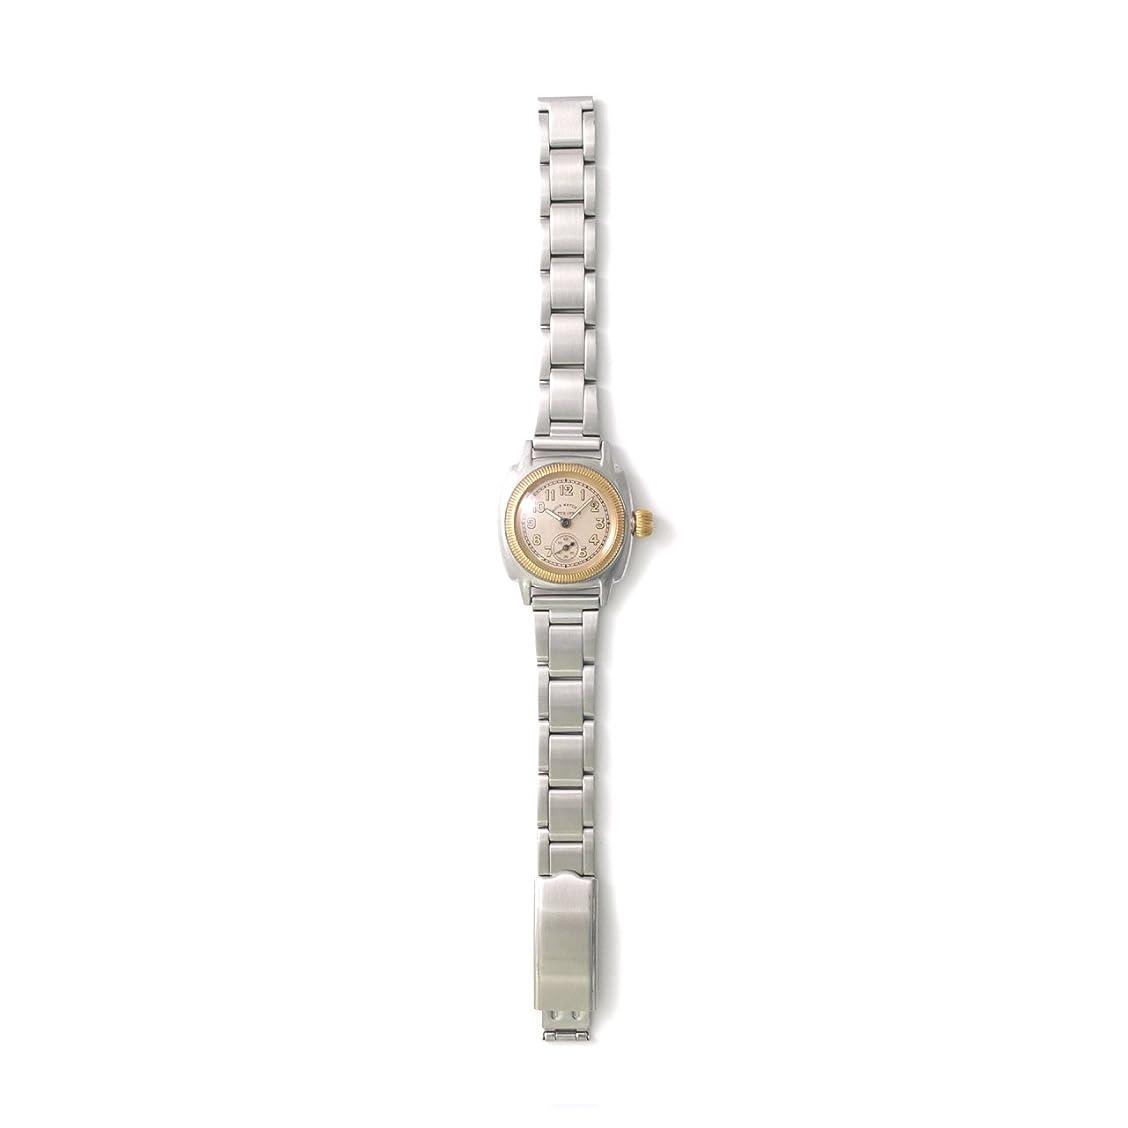 構造ポルトガル語高度な[ヴァーグウォッチカンパニー] VAGUE WATCH Co. 腕時計 COUSSIN Early Stainless Roll Belt クッションアーリーステンレス CO-S-008-SR レディース